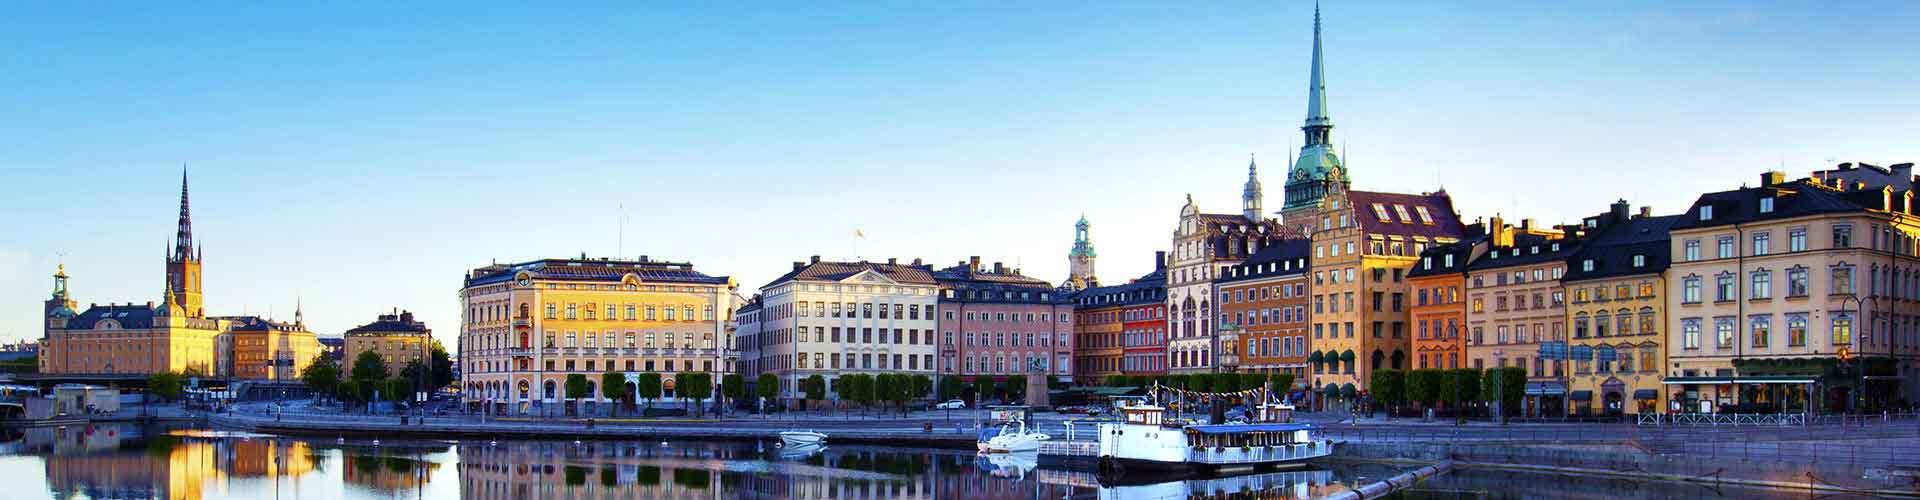 Estocolmo - Albergues en Estocolmo. Mapas de Estocolmo, Fotos y Comentarios para cada Albergue en Estocolmo.